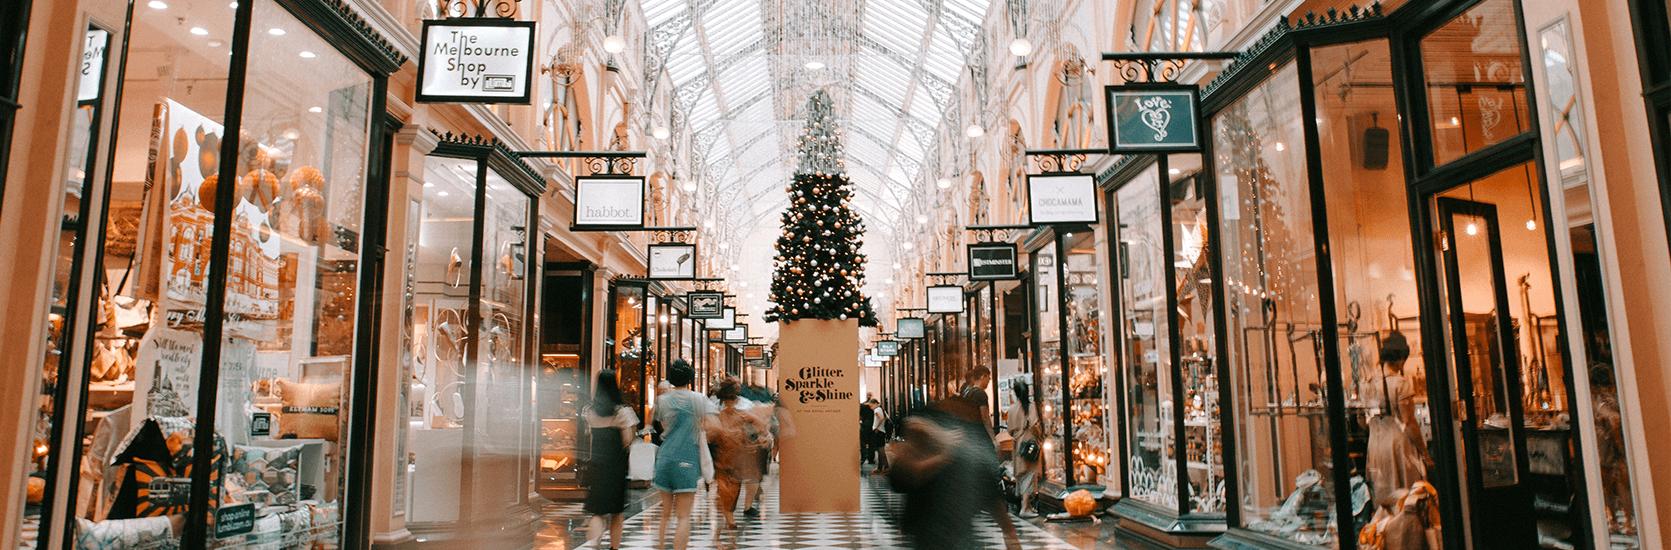 34e9bbd9aaf 16 ideas de marketing navideño para aumentar tus ventas online en 2018